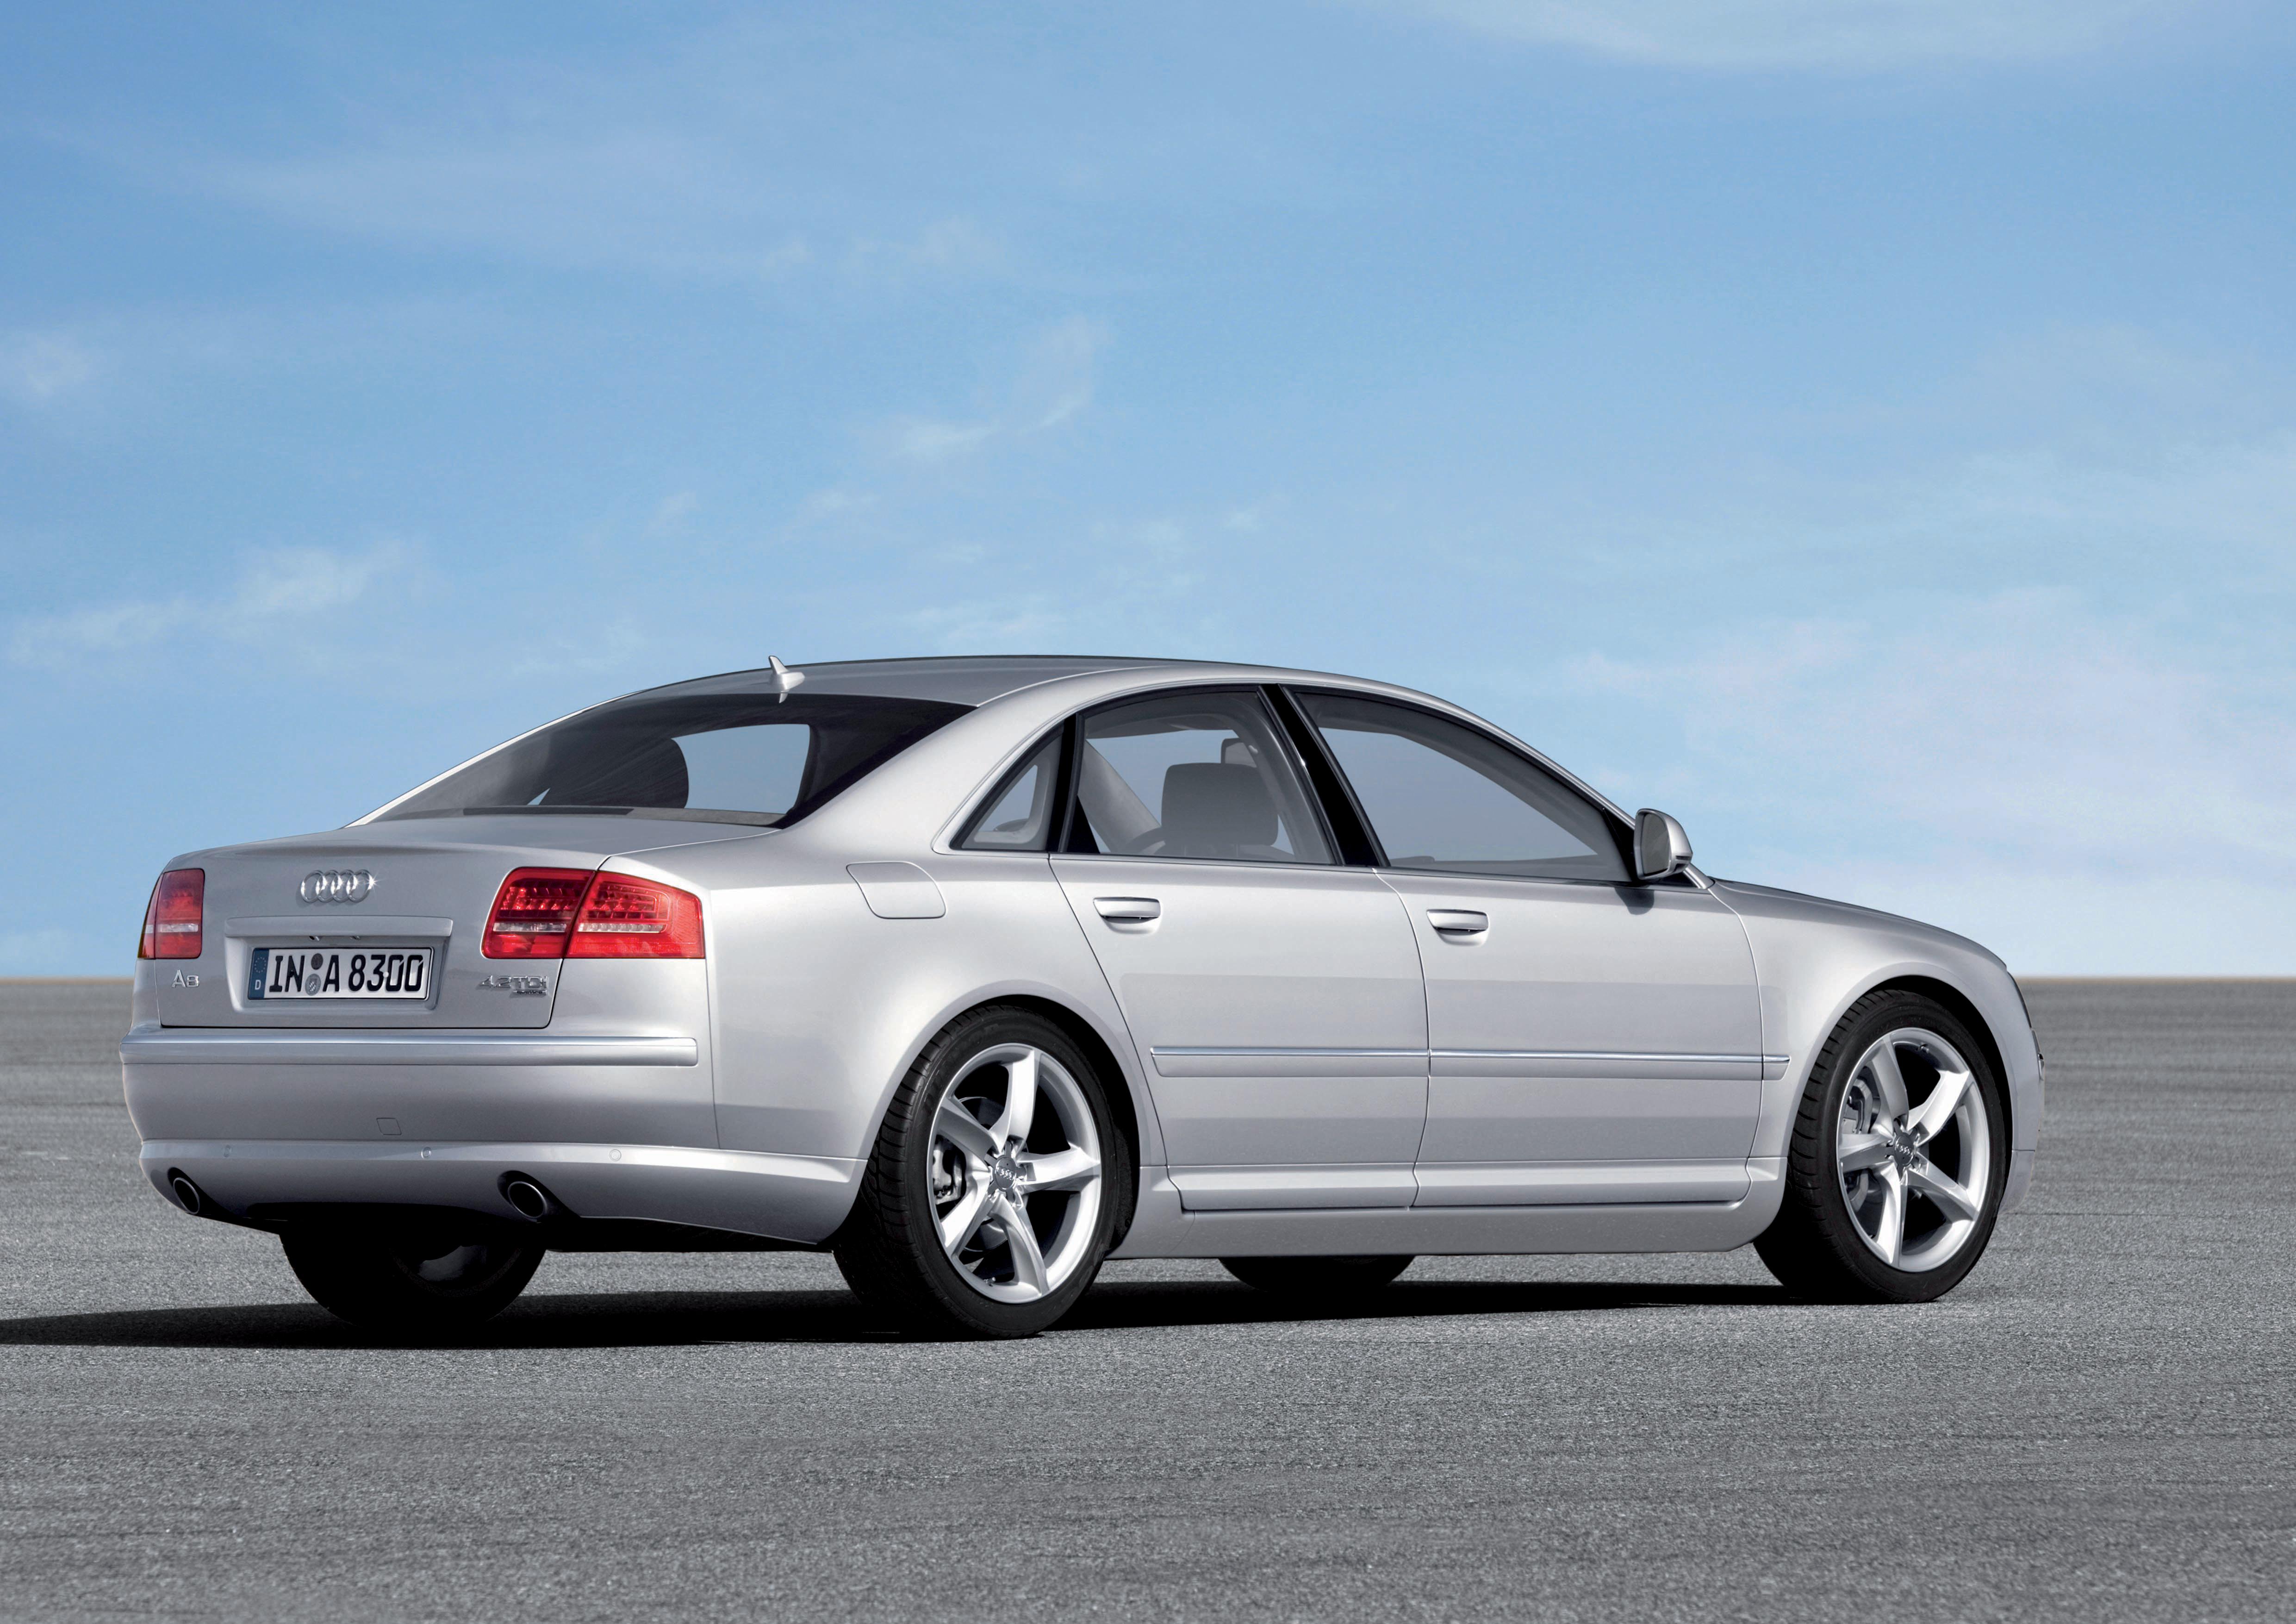 Audi A8 4.2 TDI quattro/Standbild